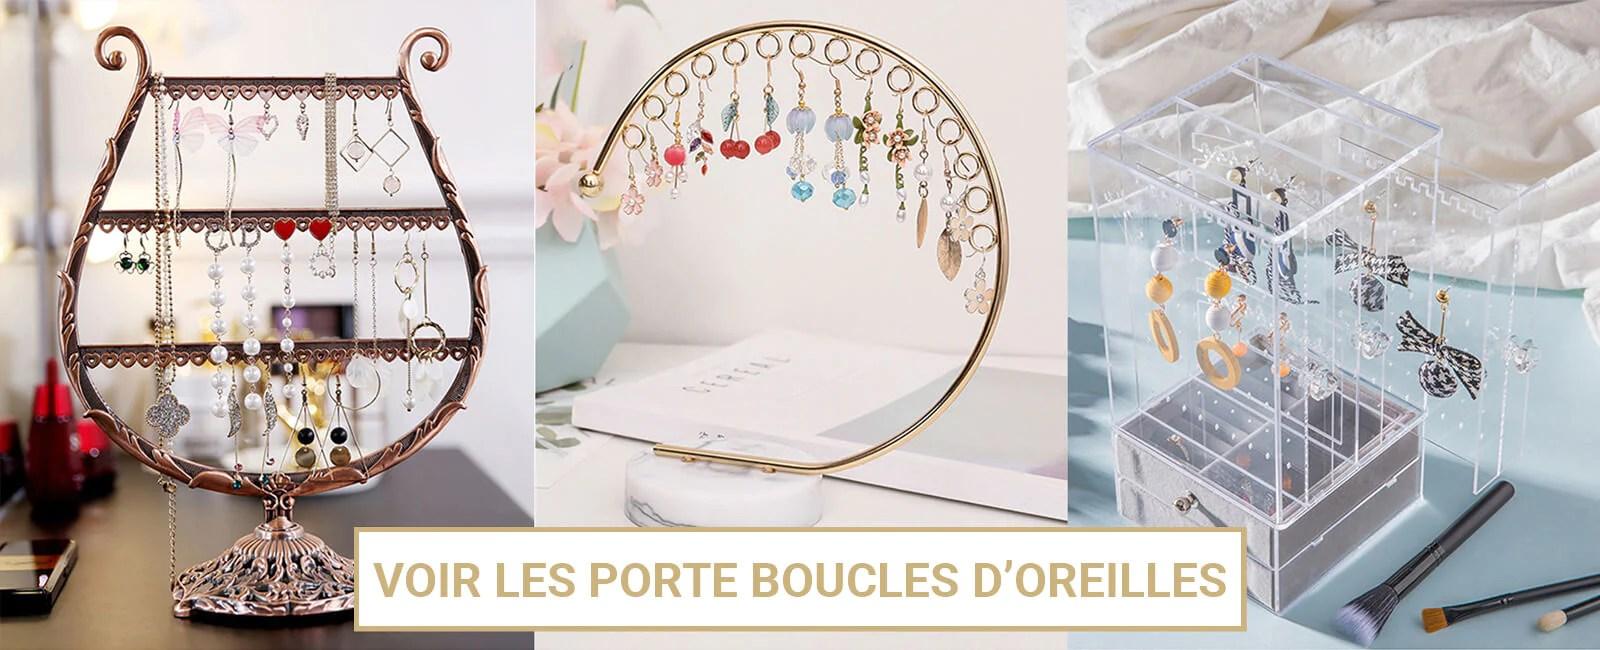 7 Astuces Comment Ranger Des Boucles D Oreilles Coulobre